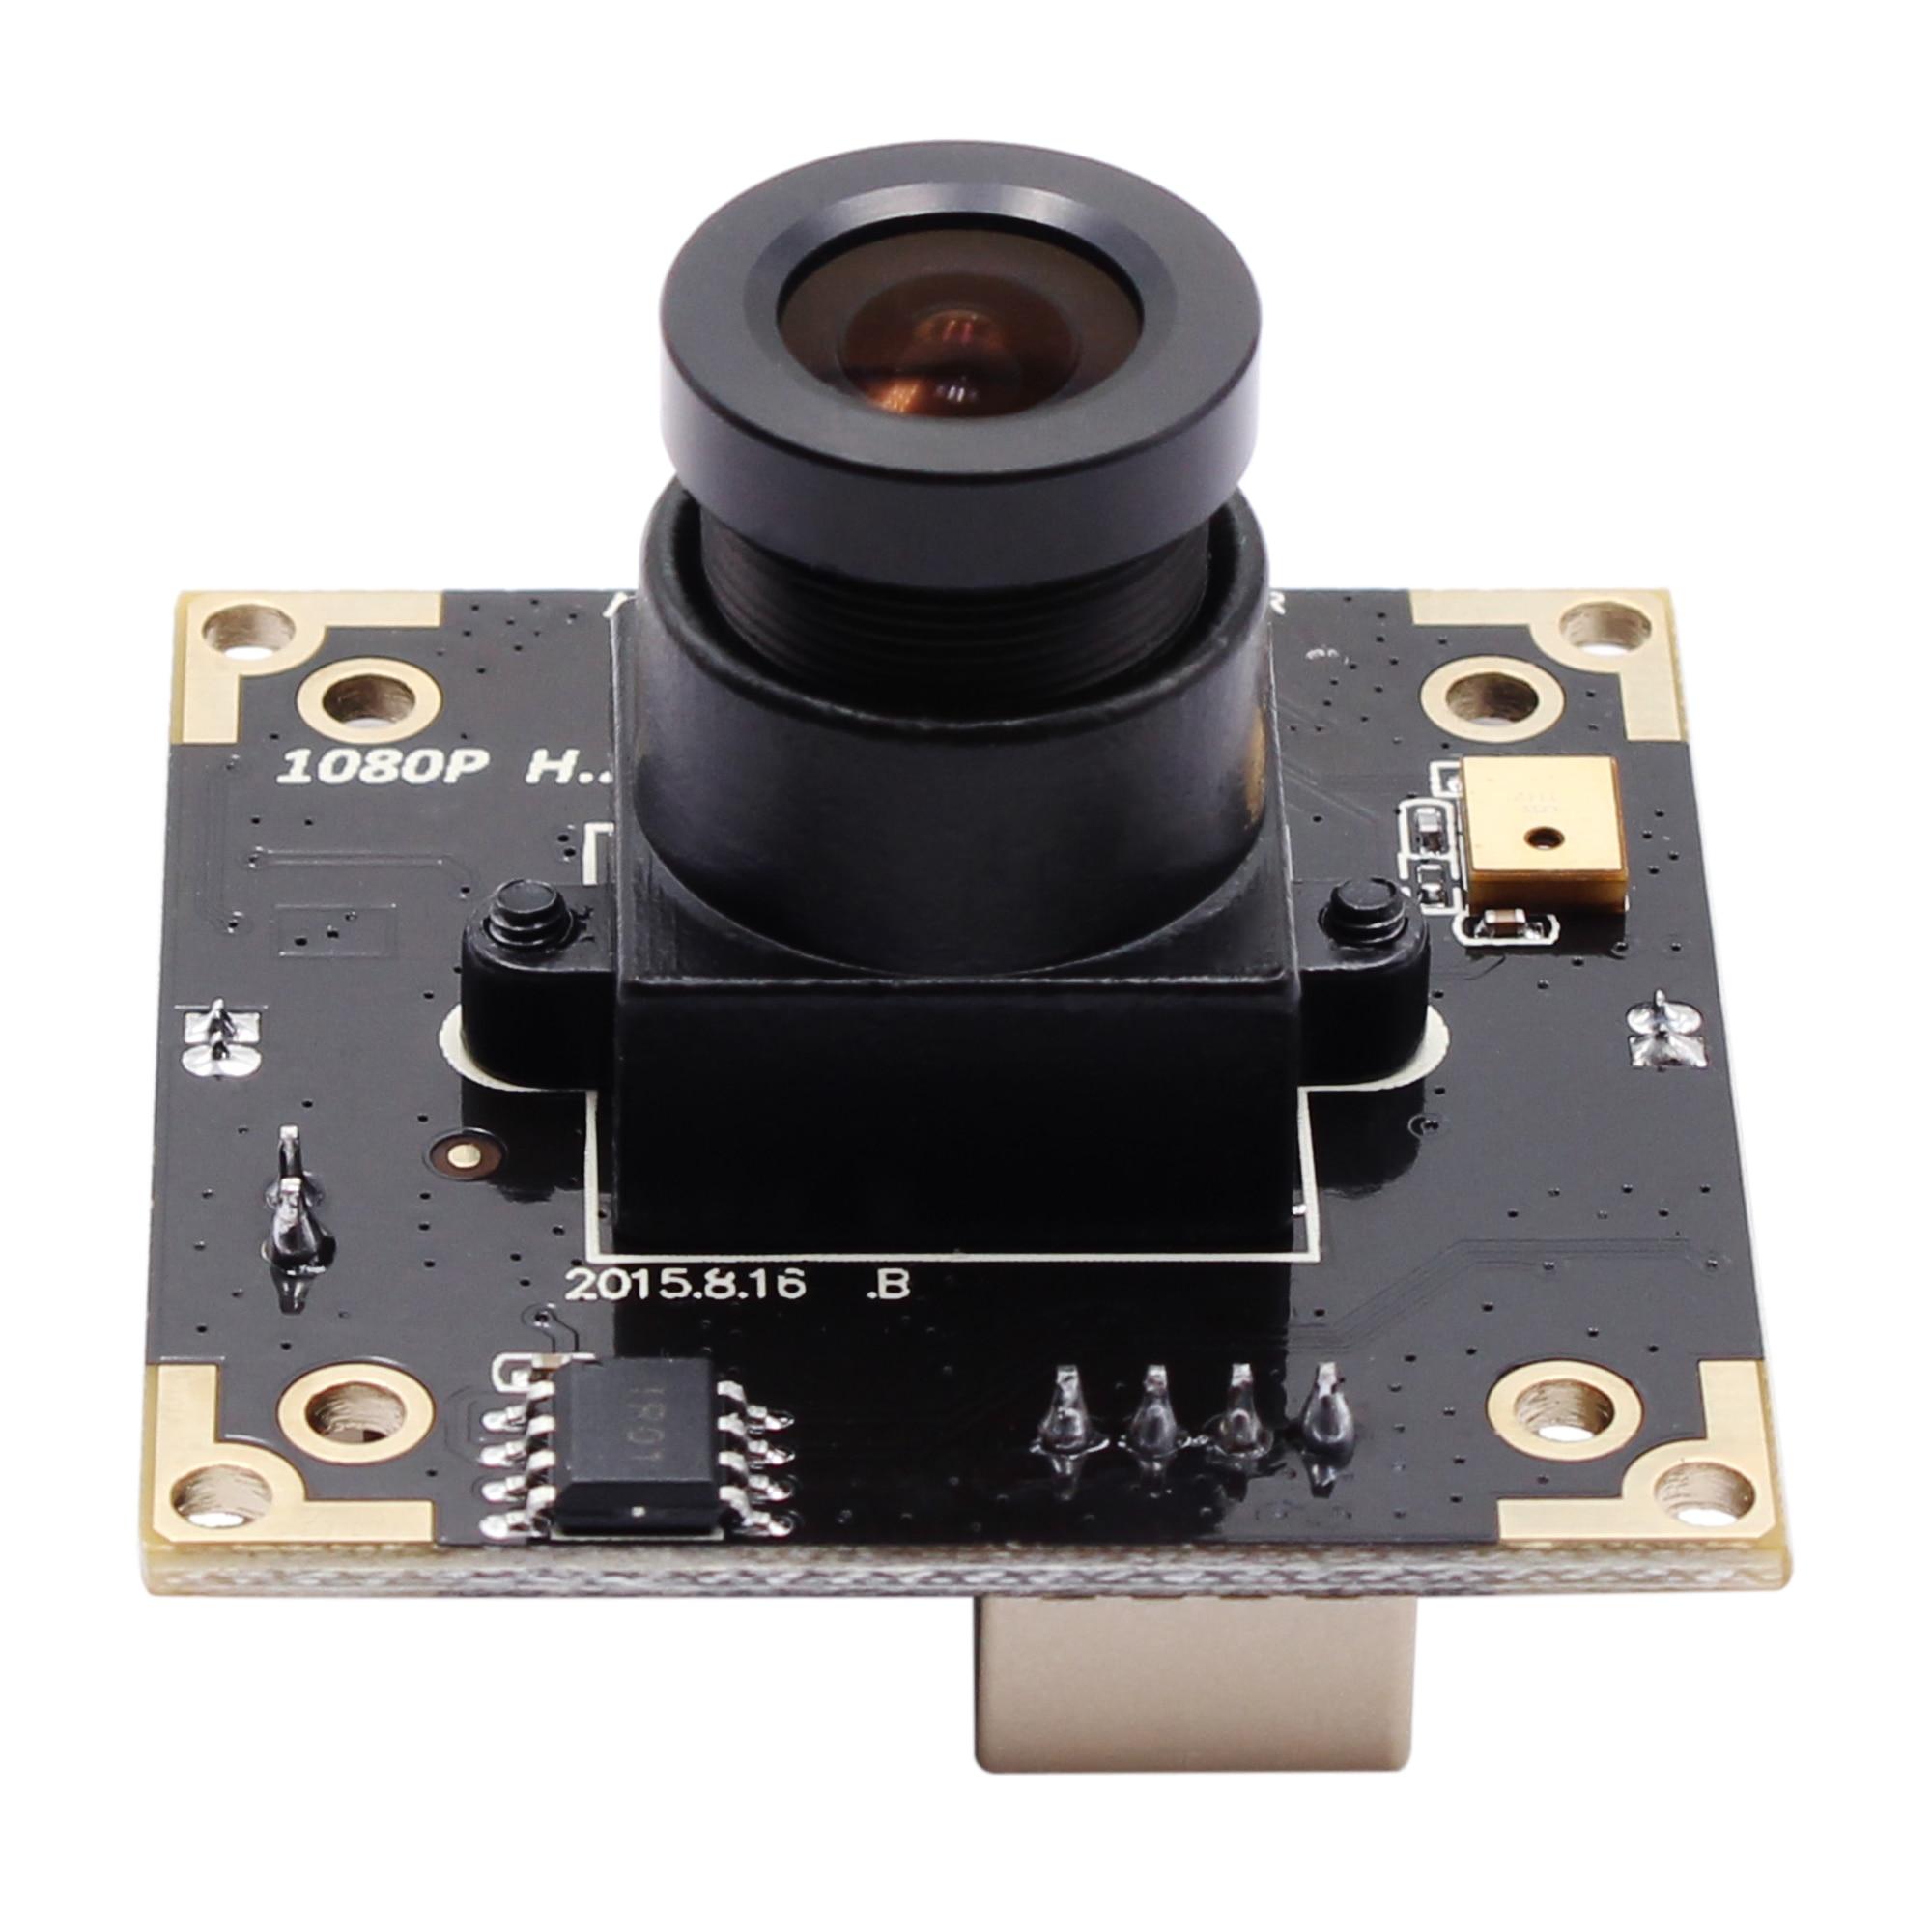 Módulo da câmera da webcam de usb de uvc otg com a lente m12 de 25mm escala dinâmica completa de hd da câmera de 3mp wdr usb até to100 db